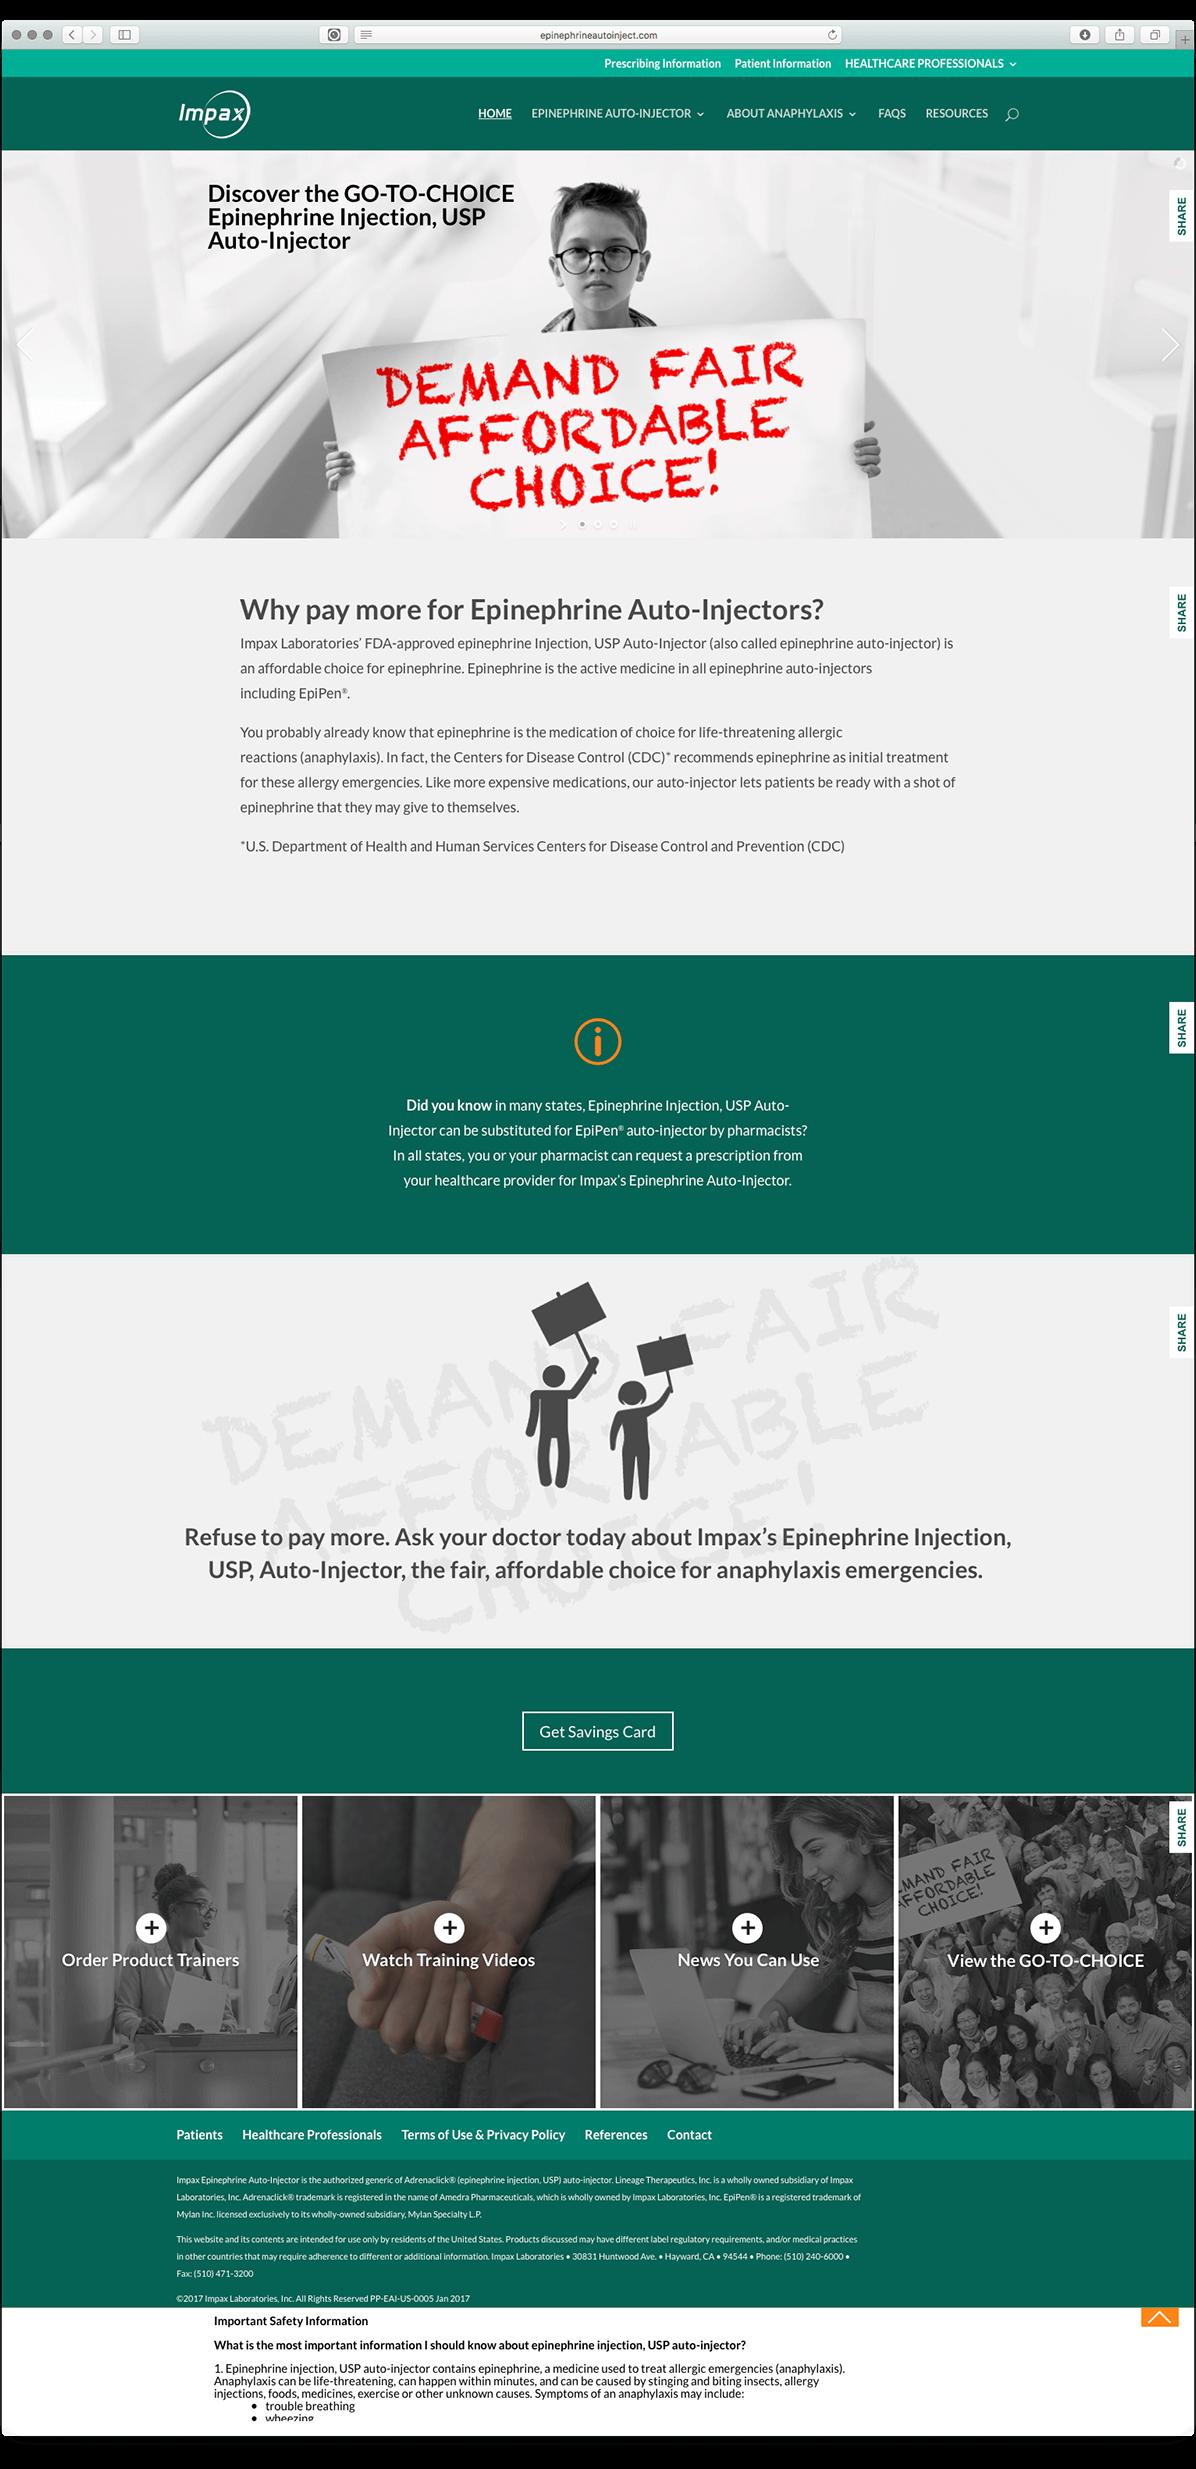 impax-website_image